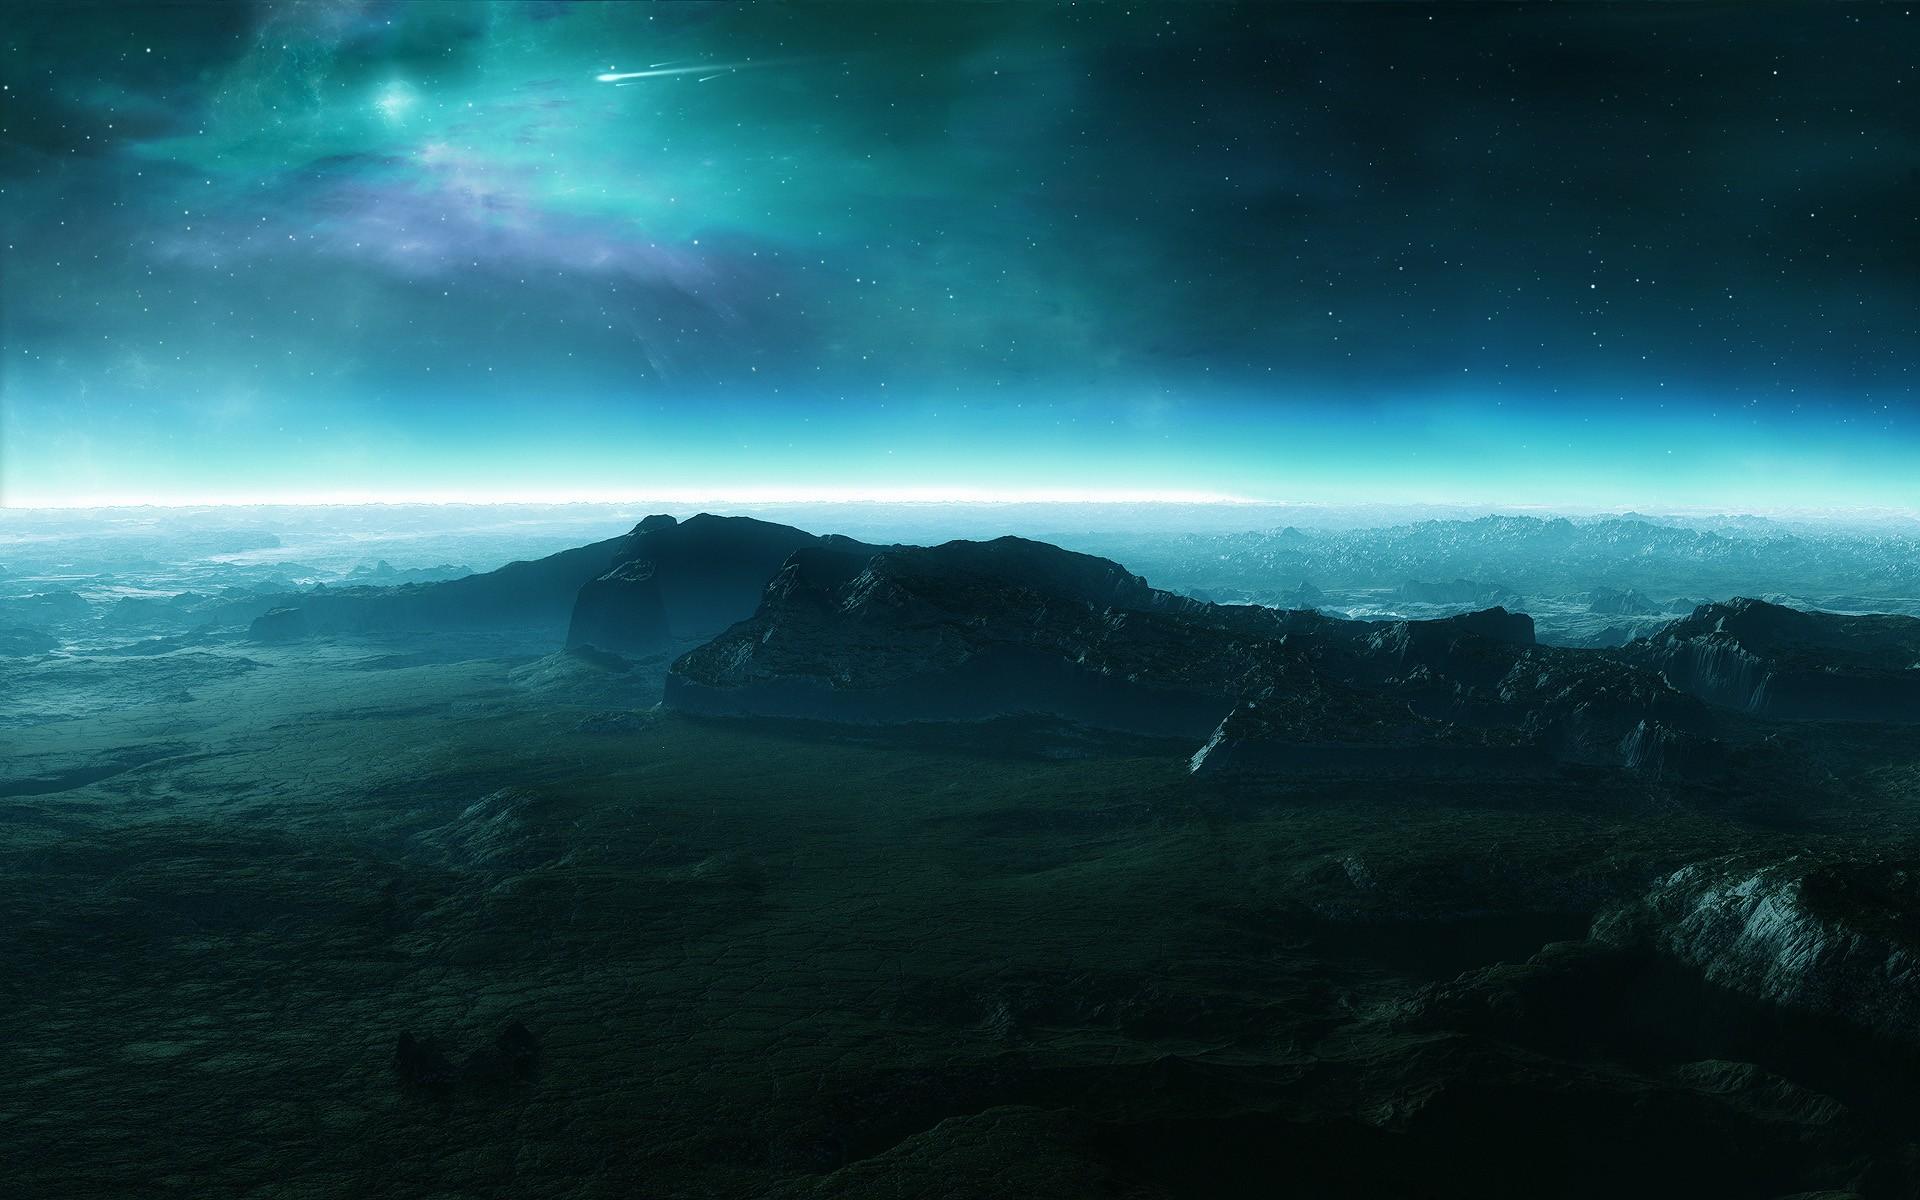 Beautiful Night Sky Wallpaper Wide Awesome 3z3w6461 Yoanu 1920x1200